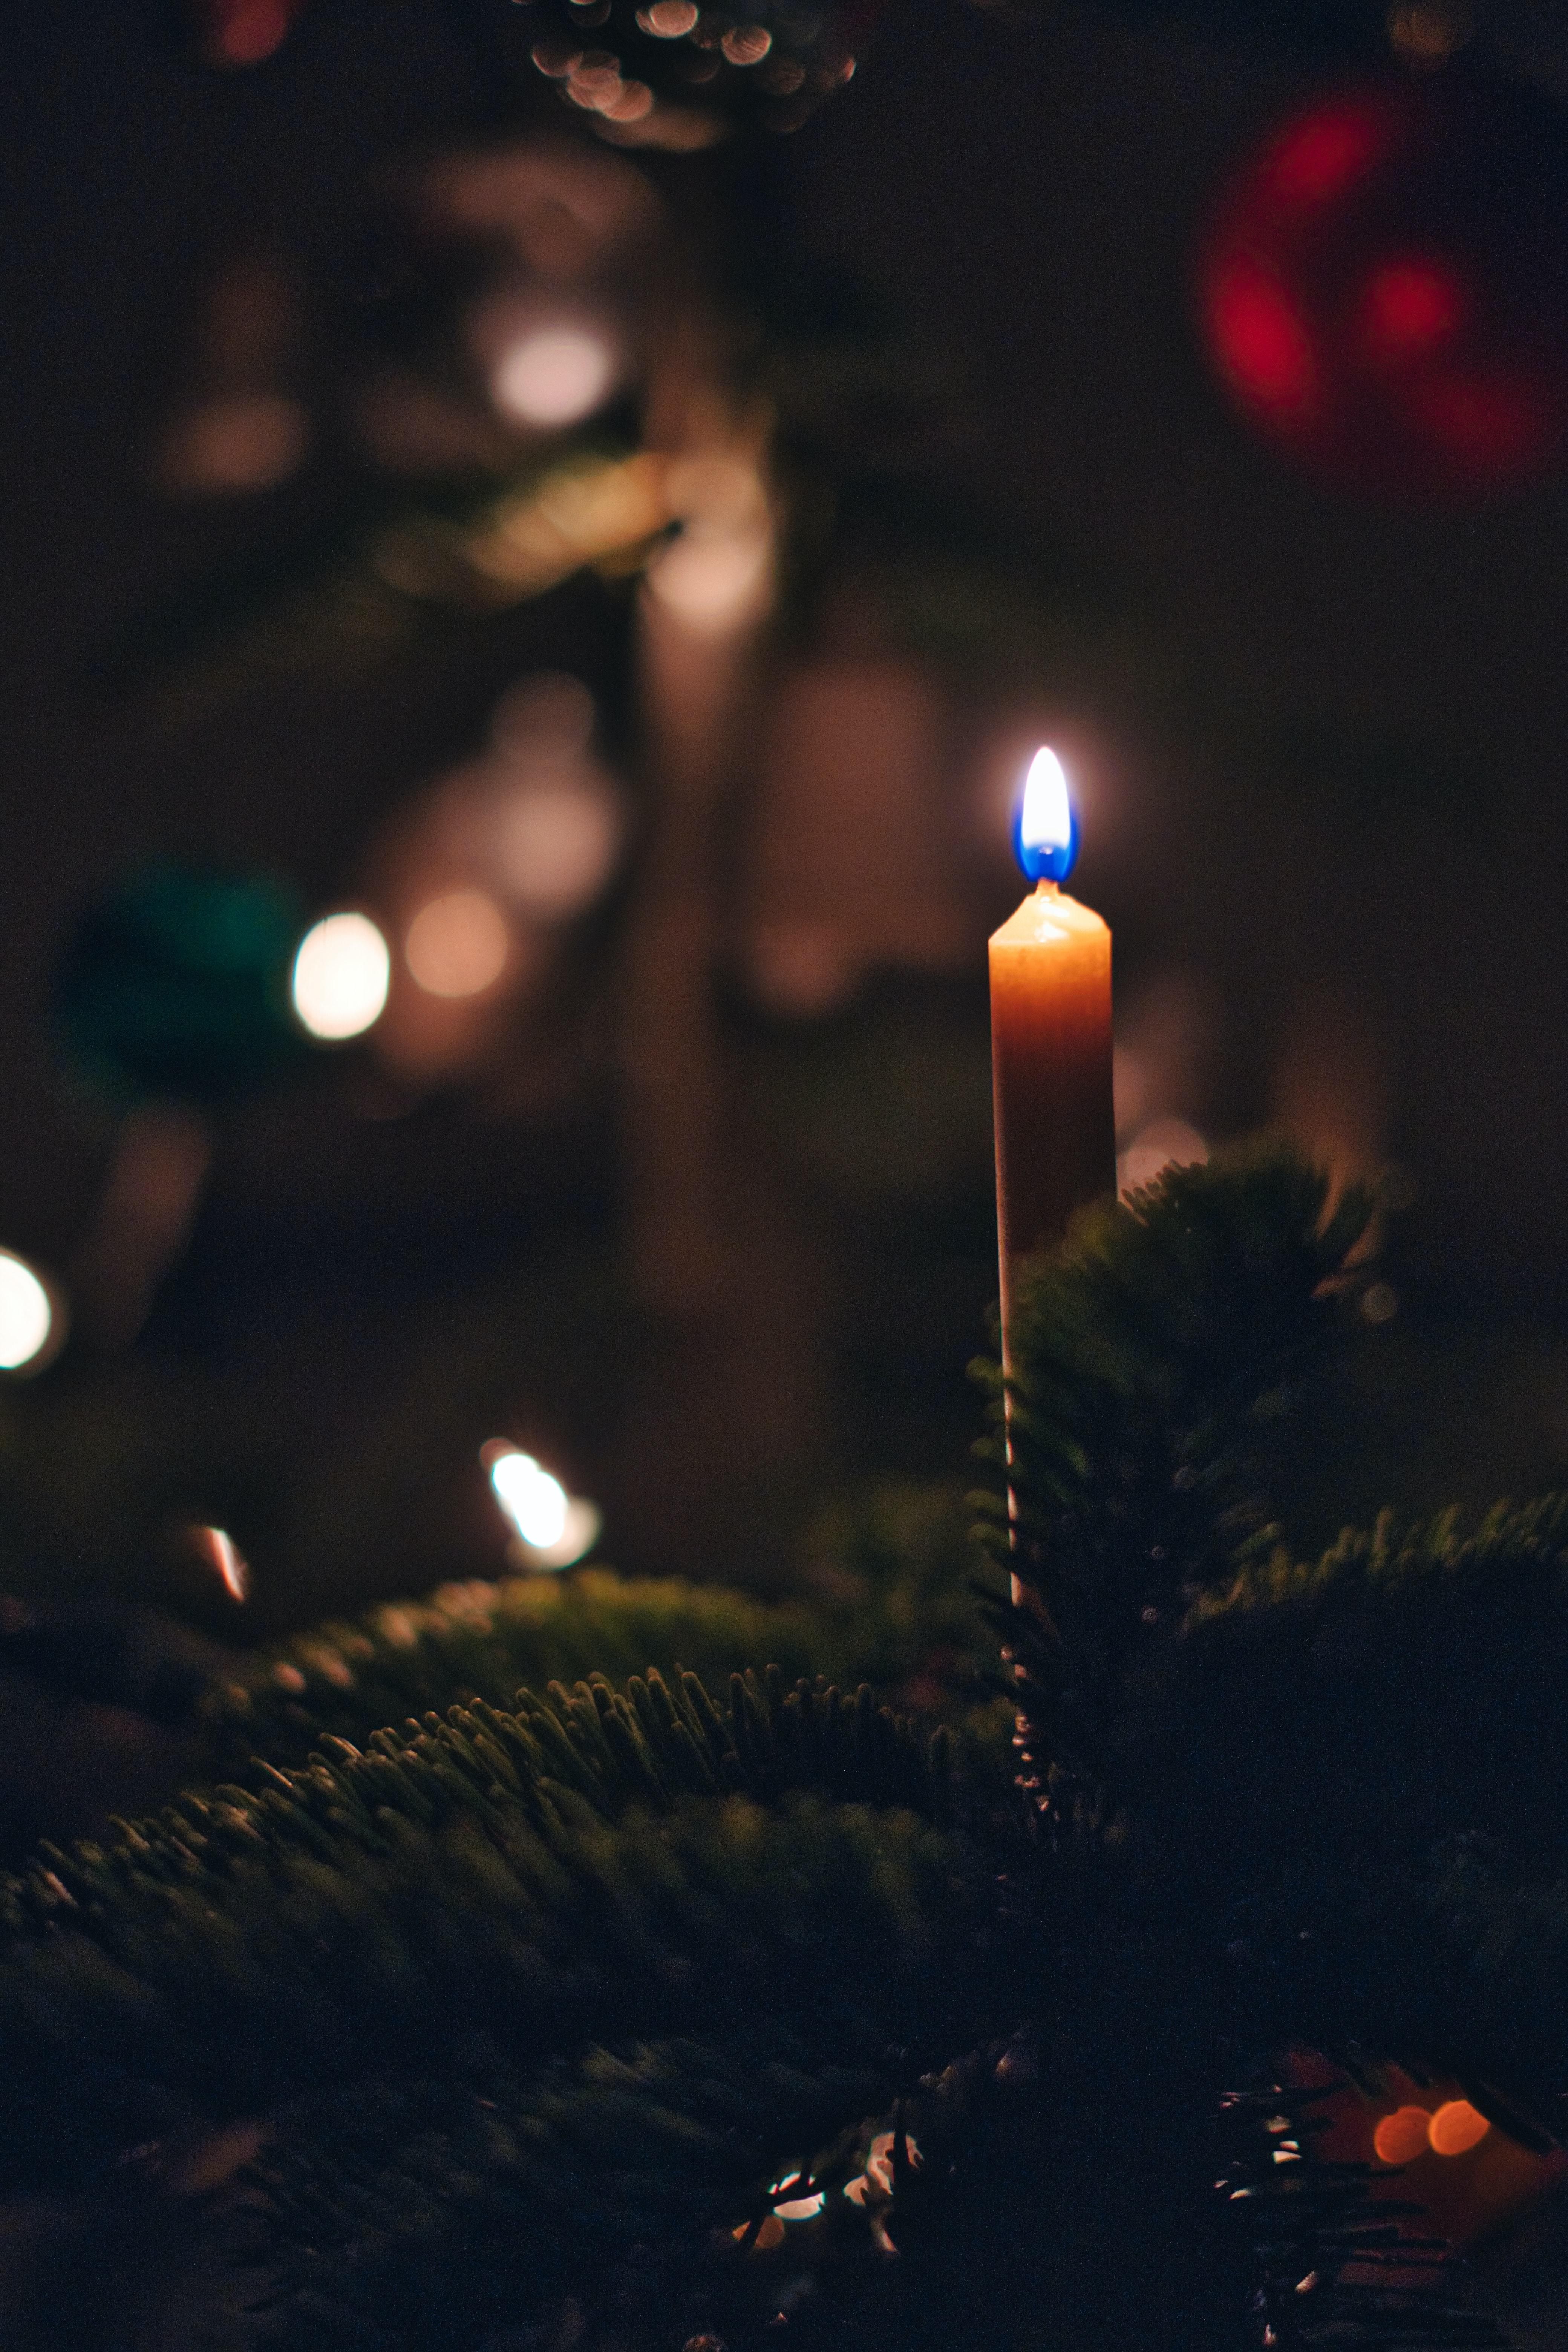 99966 Salvapantallas y fondos de pantalla Año Nuevo en tu teléfono. Descarga imágenes de Vacaciones, Vela, Fuego, Árbol De Navidad, Año Nuevo, Navidad gratis